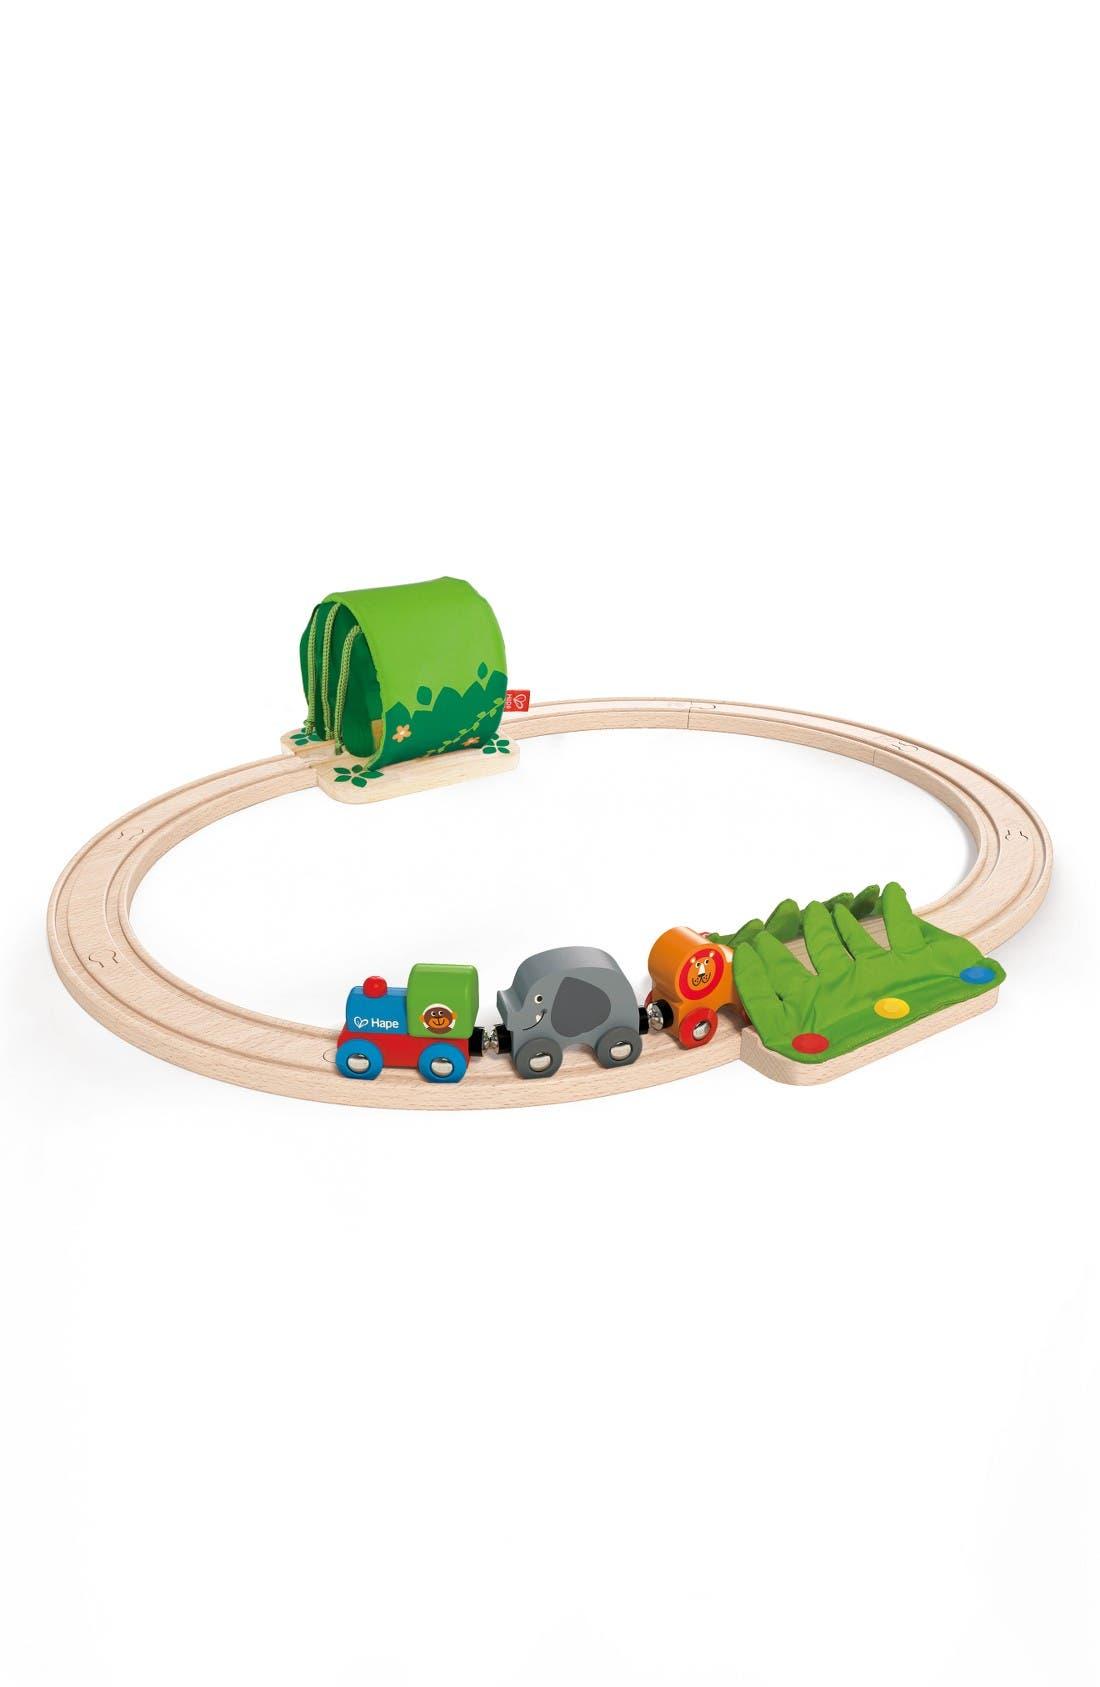 Jungle Train Journey Wooden Train Set,                         Main,                         color, Multi